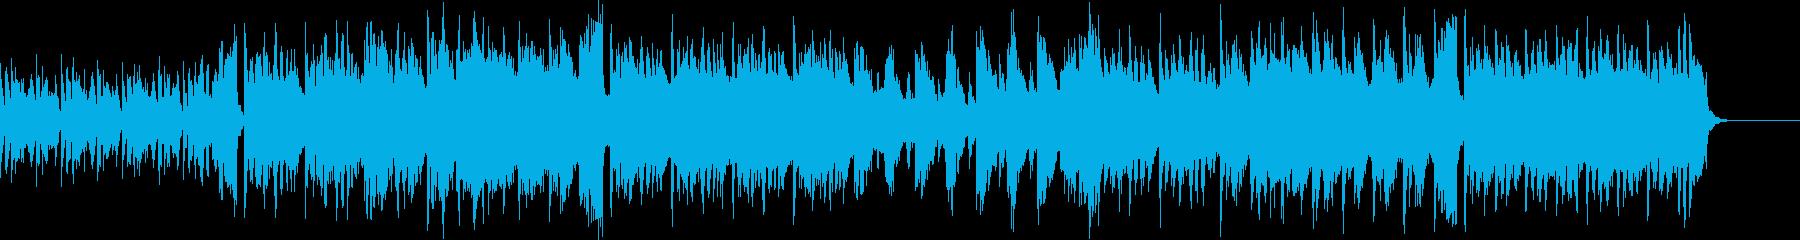 木琴☆ベルが奏でるおしゃれで小気味よい曲の再生済みの波形